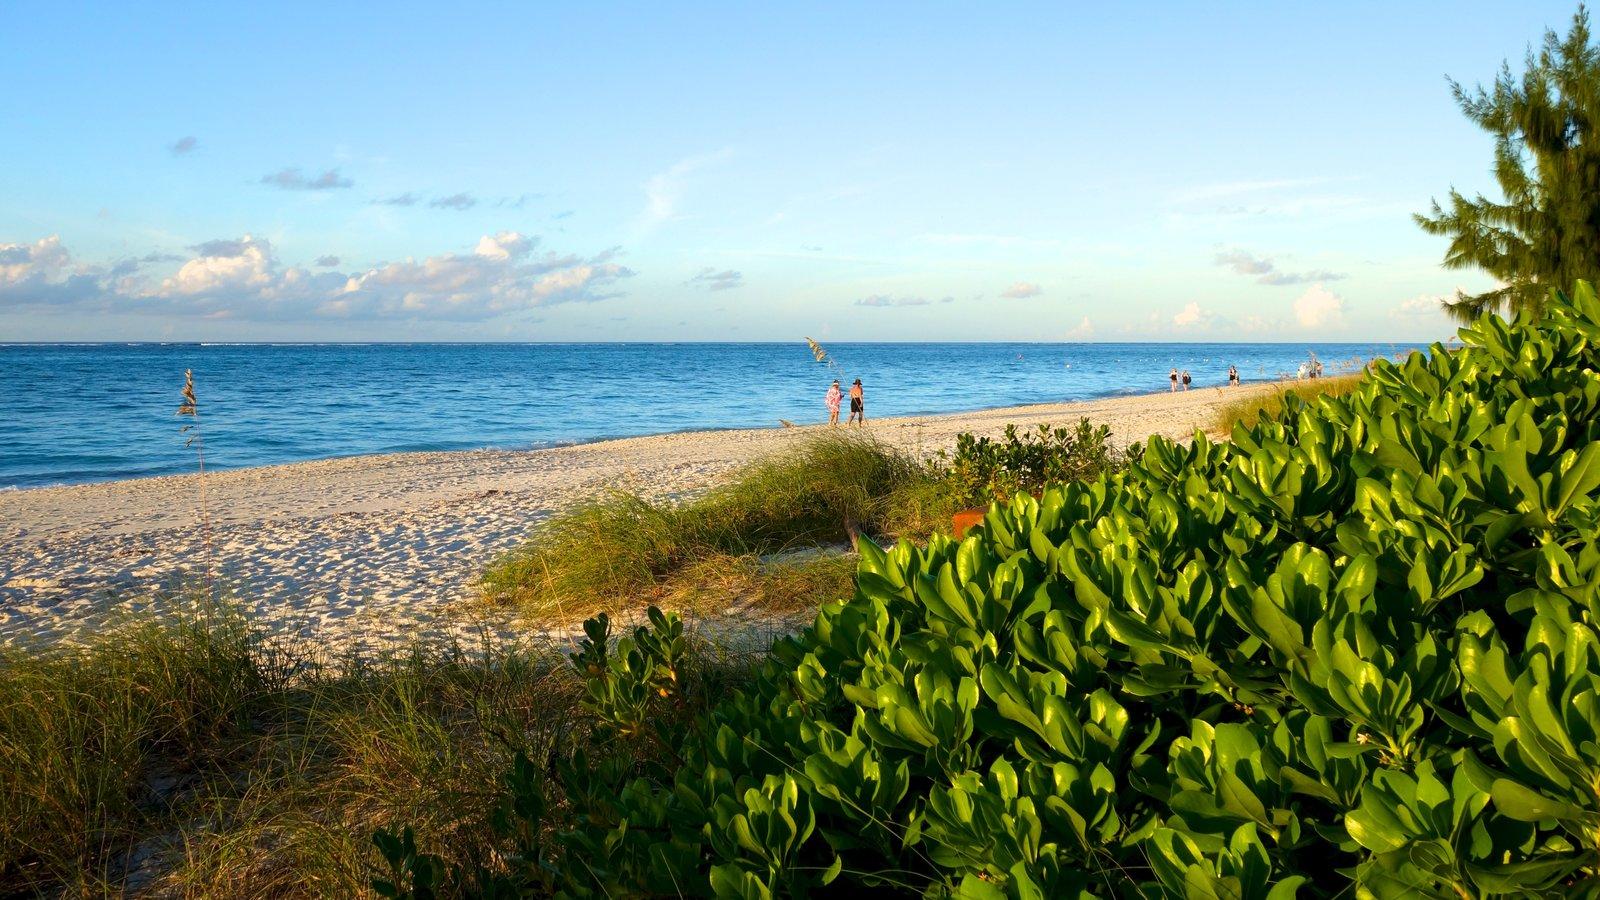 Grace Bay Beach featuring a beach